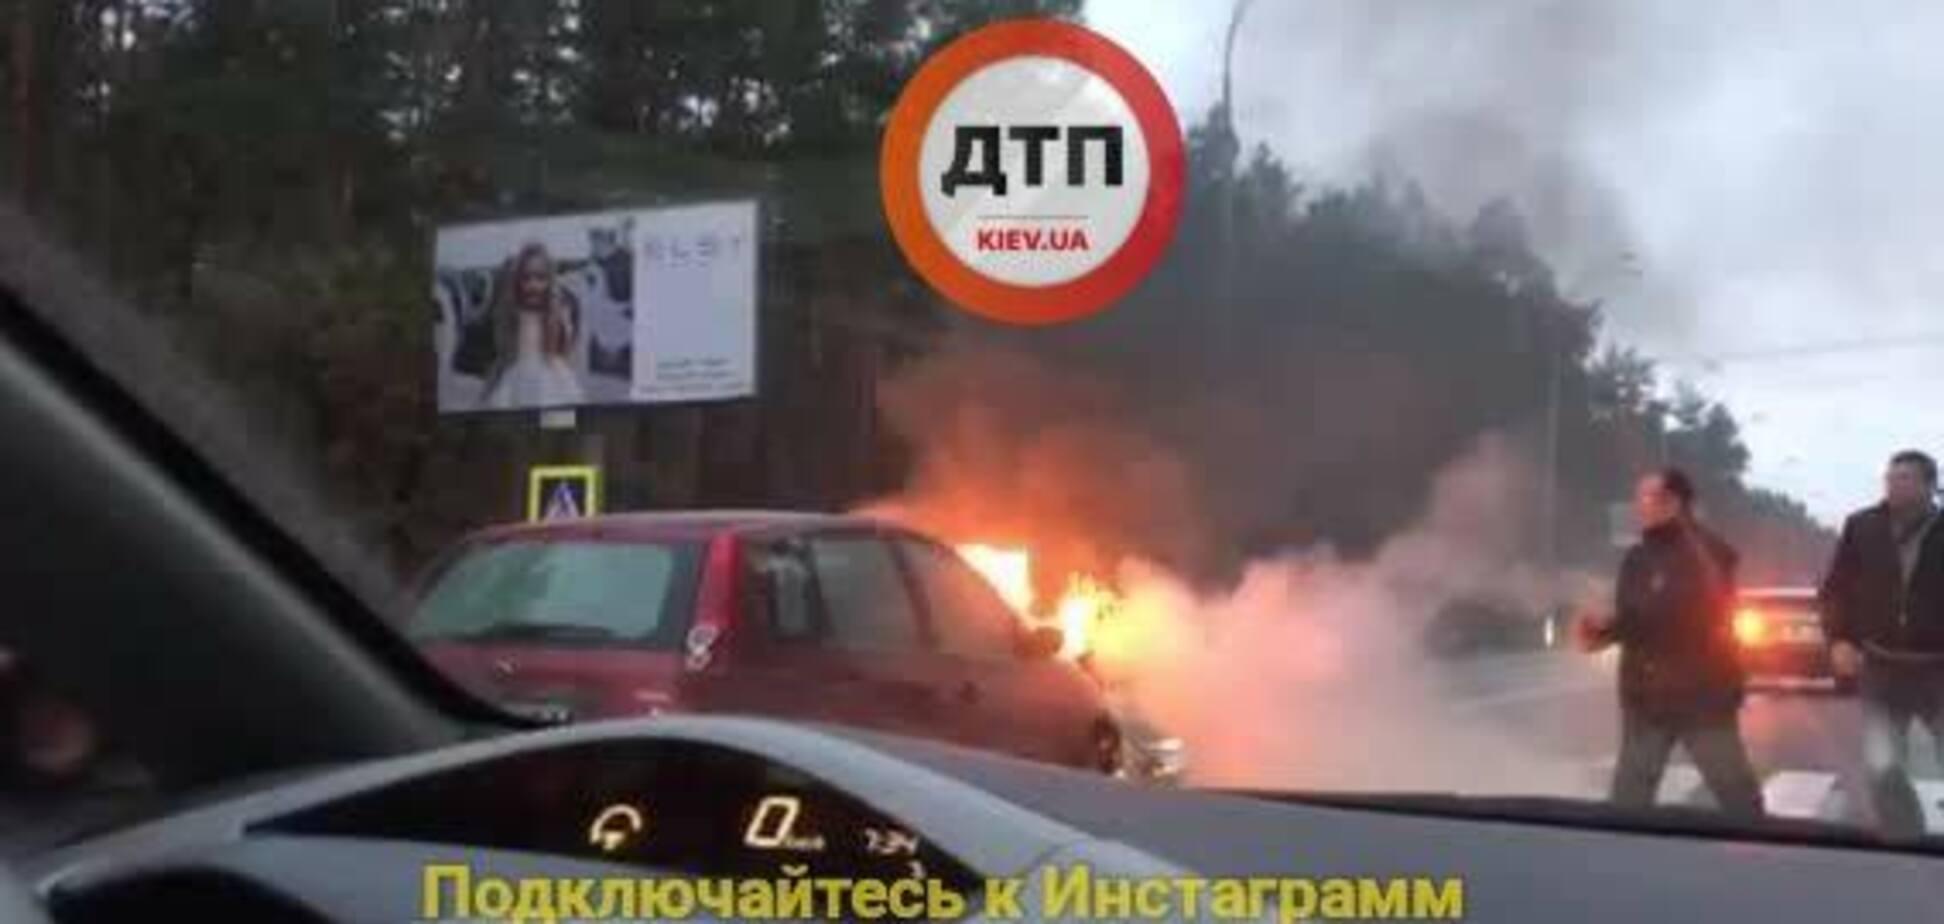 Жуткое ДТП в Киеве: автомобиль загорелся прямо на трассе